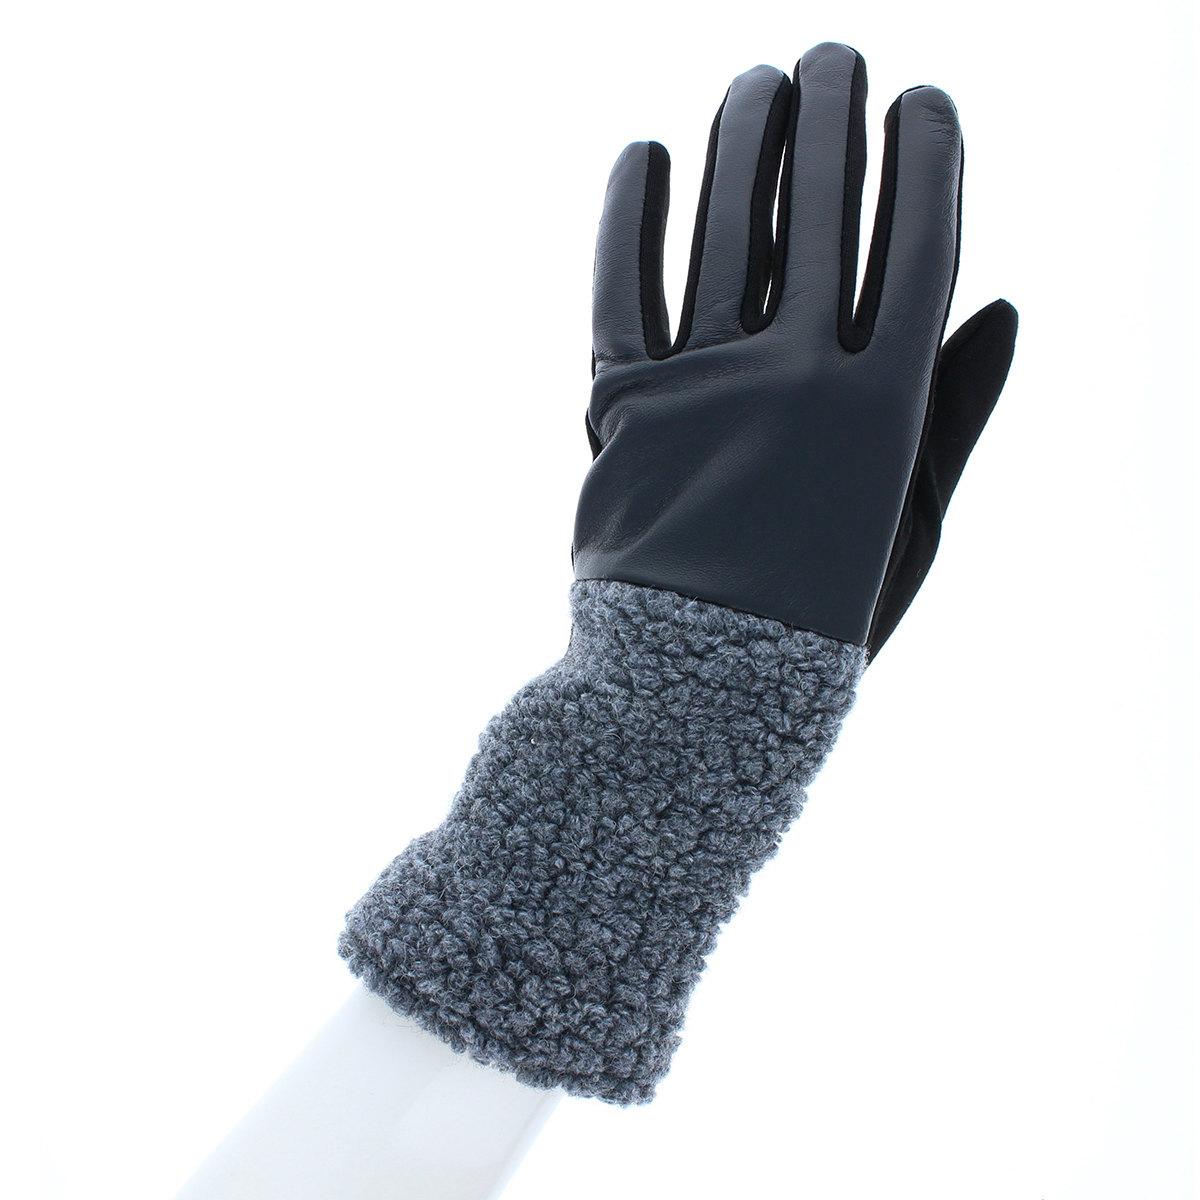 手袋 ボアとジャージ 切替デザイン 少し長め丈 ストレッチ素材  BIYUTE